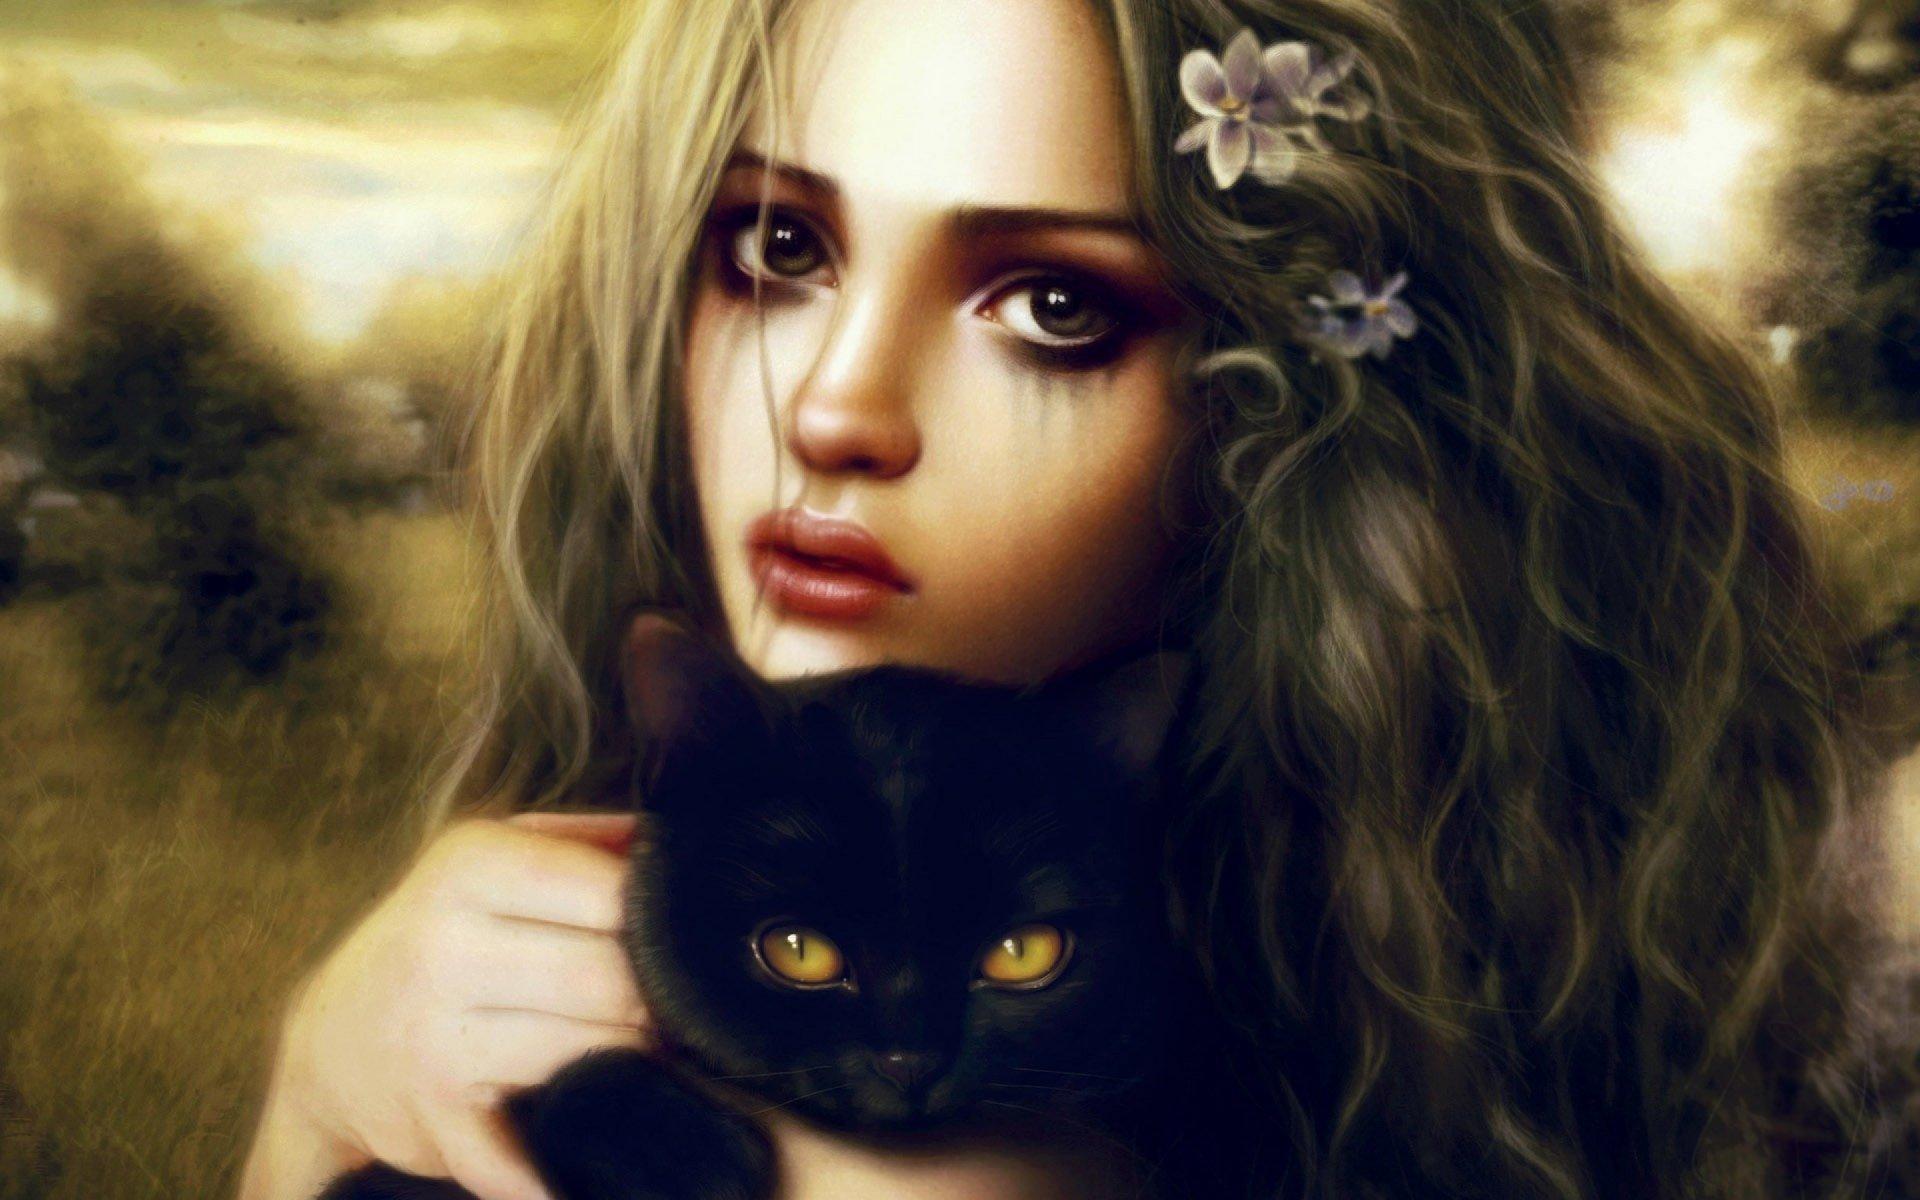 Картинки красивые девушки нарисованные с кошкой